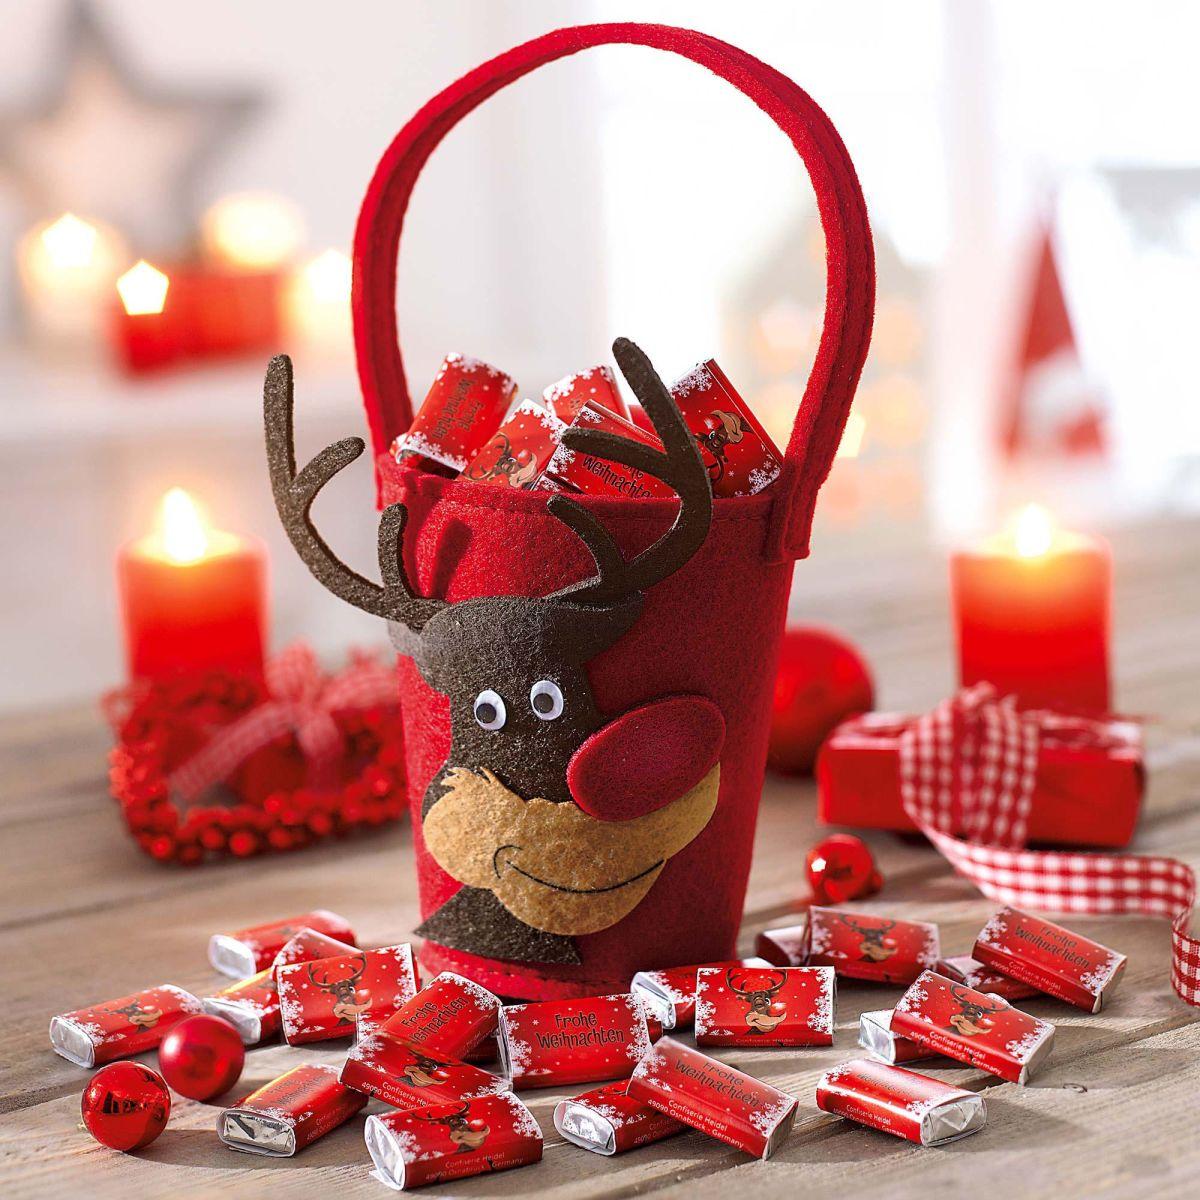 Entzückend Einfallsreiche Geschenke Beste Wahl Geschenk-set Geschenkkorb